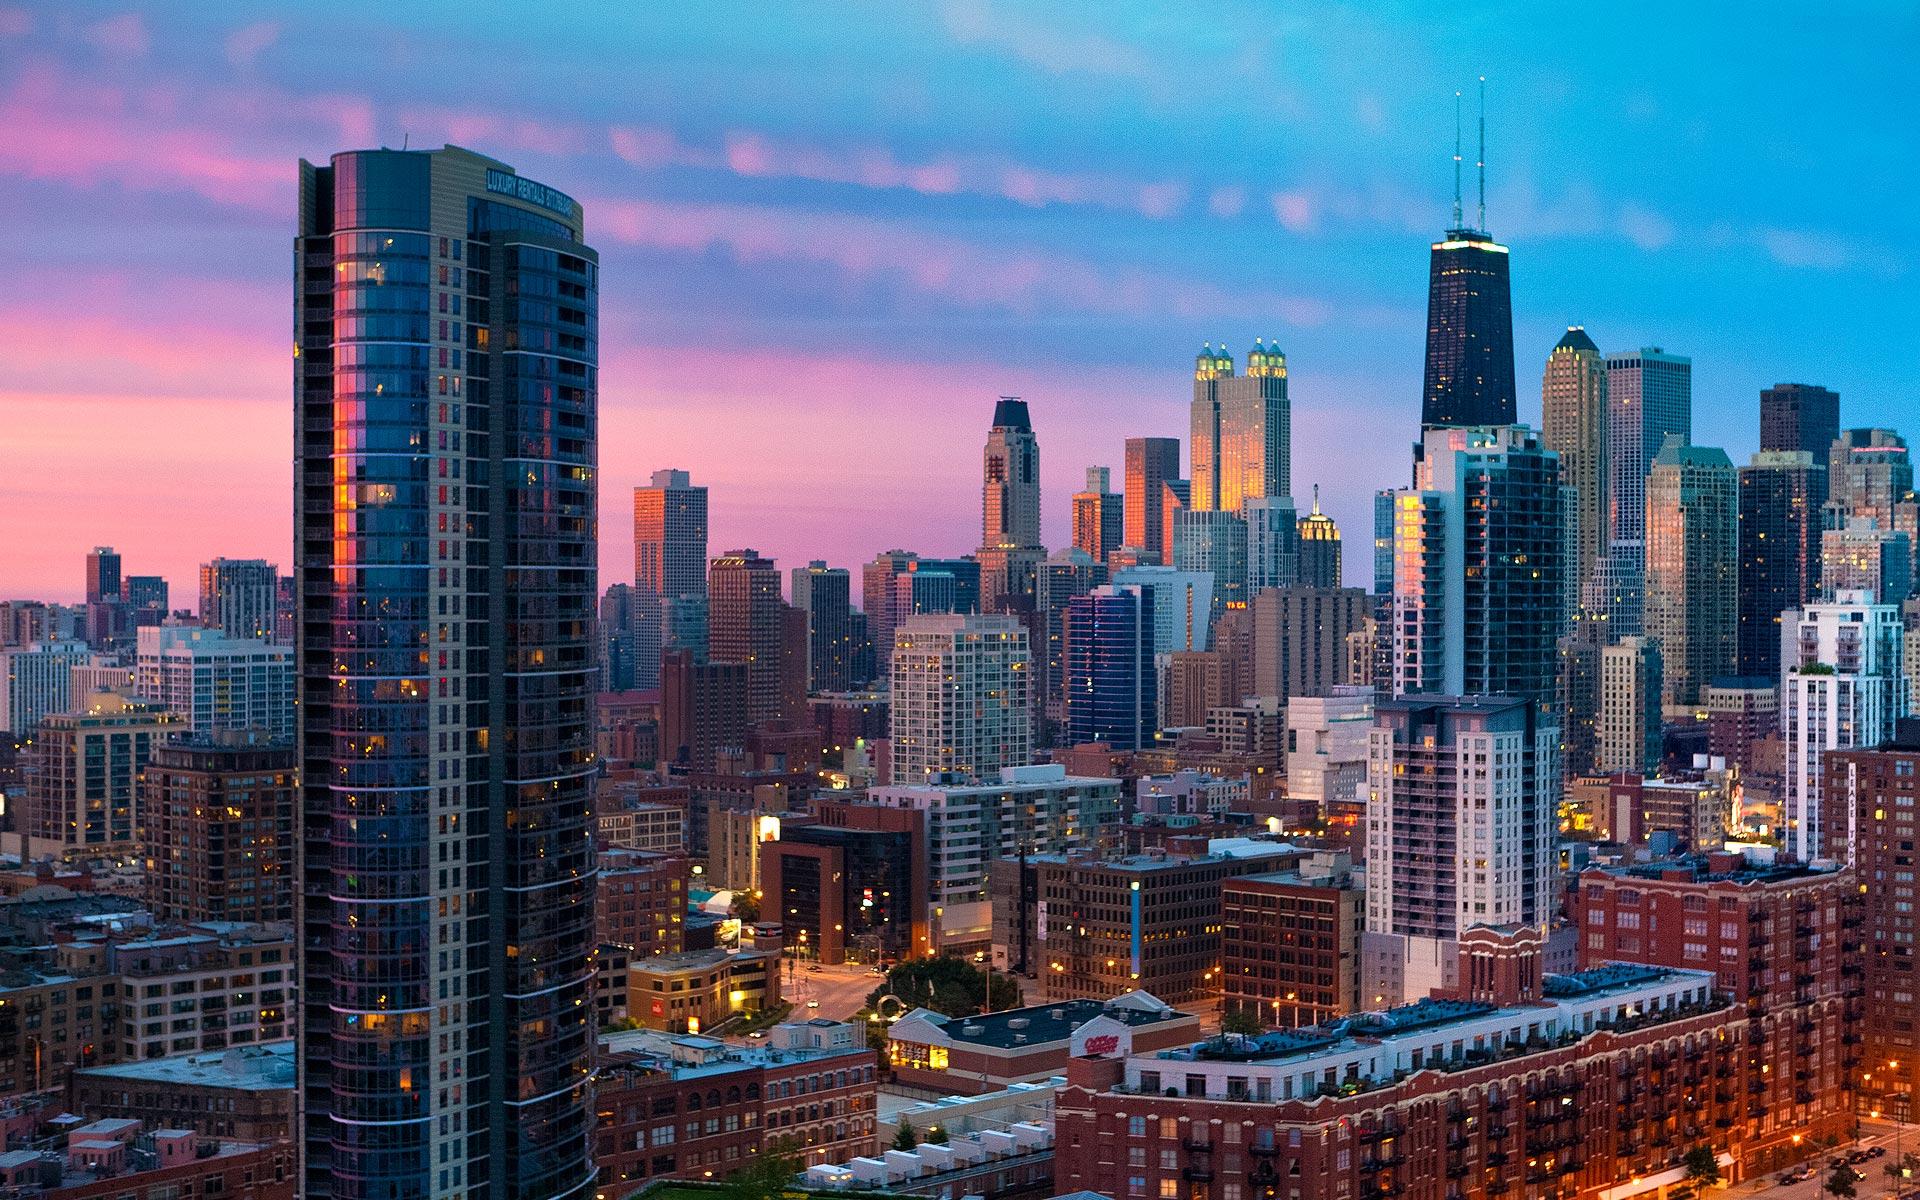 Chicago widescreen for desktop